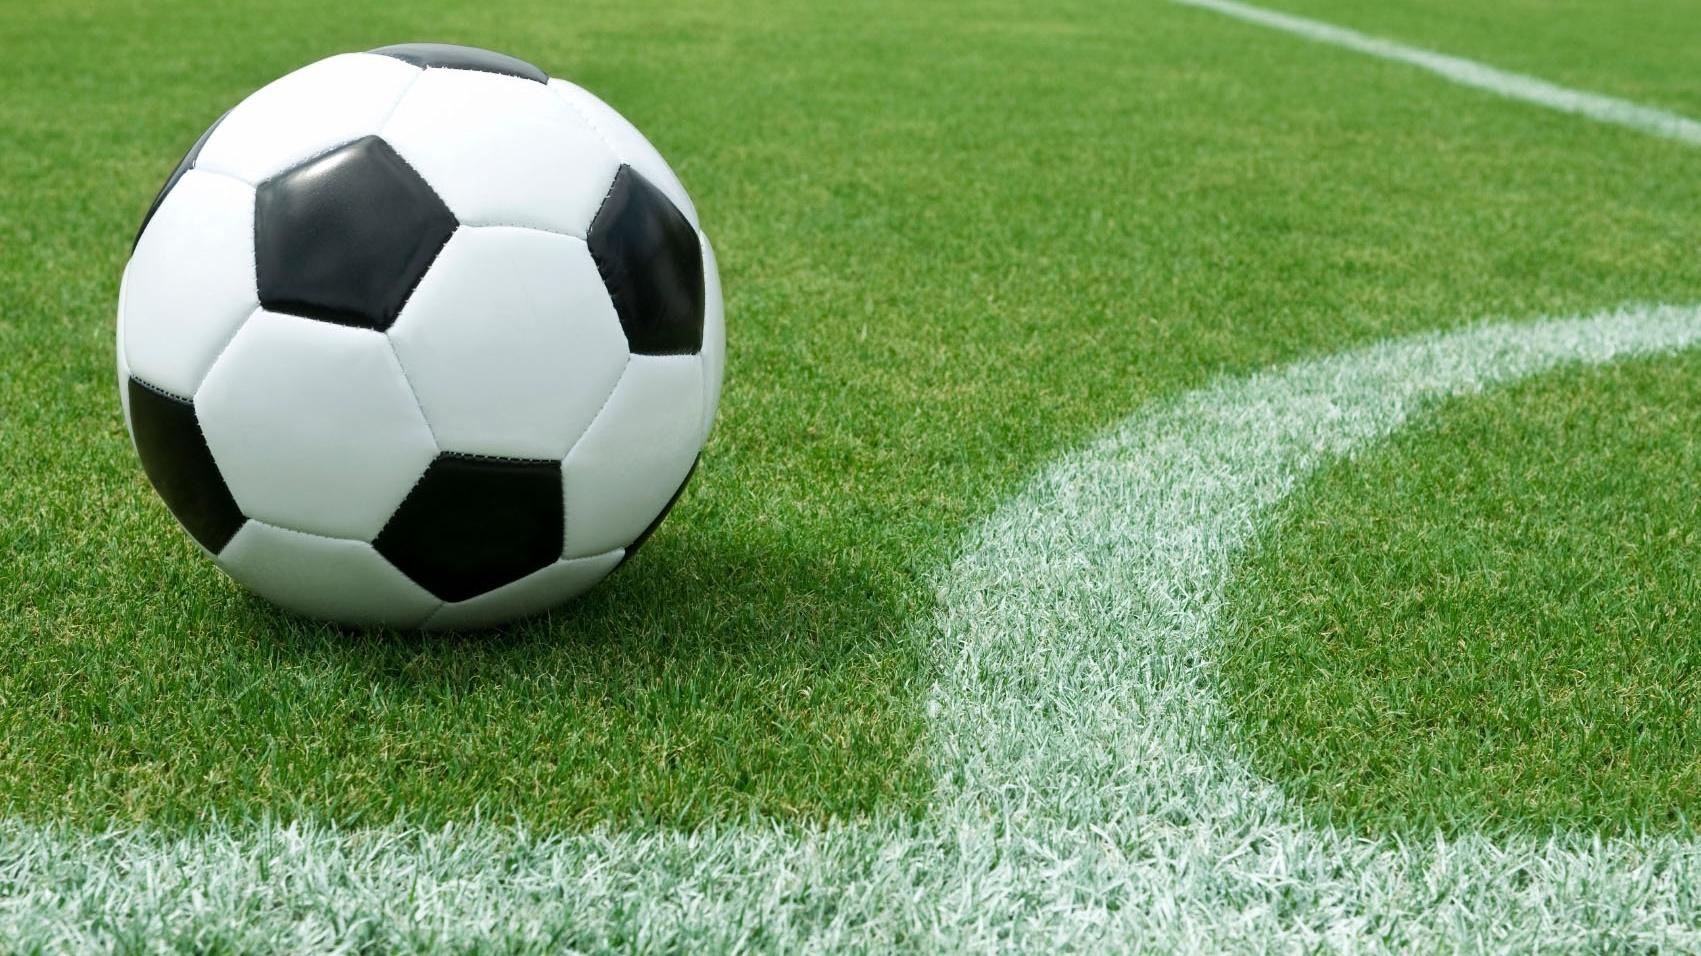 Inter-Roma: Da un iniziale vantaggio della Roma, arriva il pareggio dell'Inter